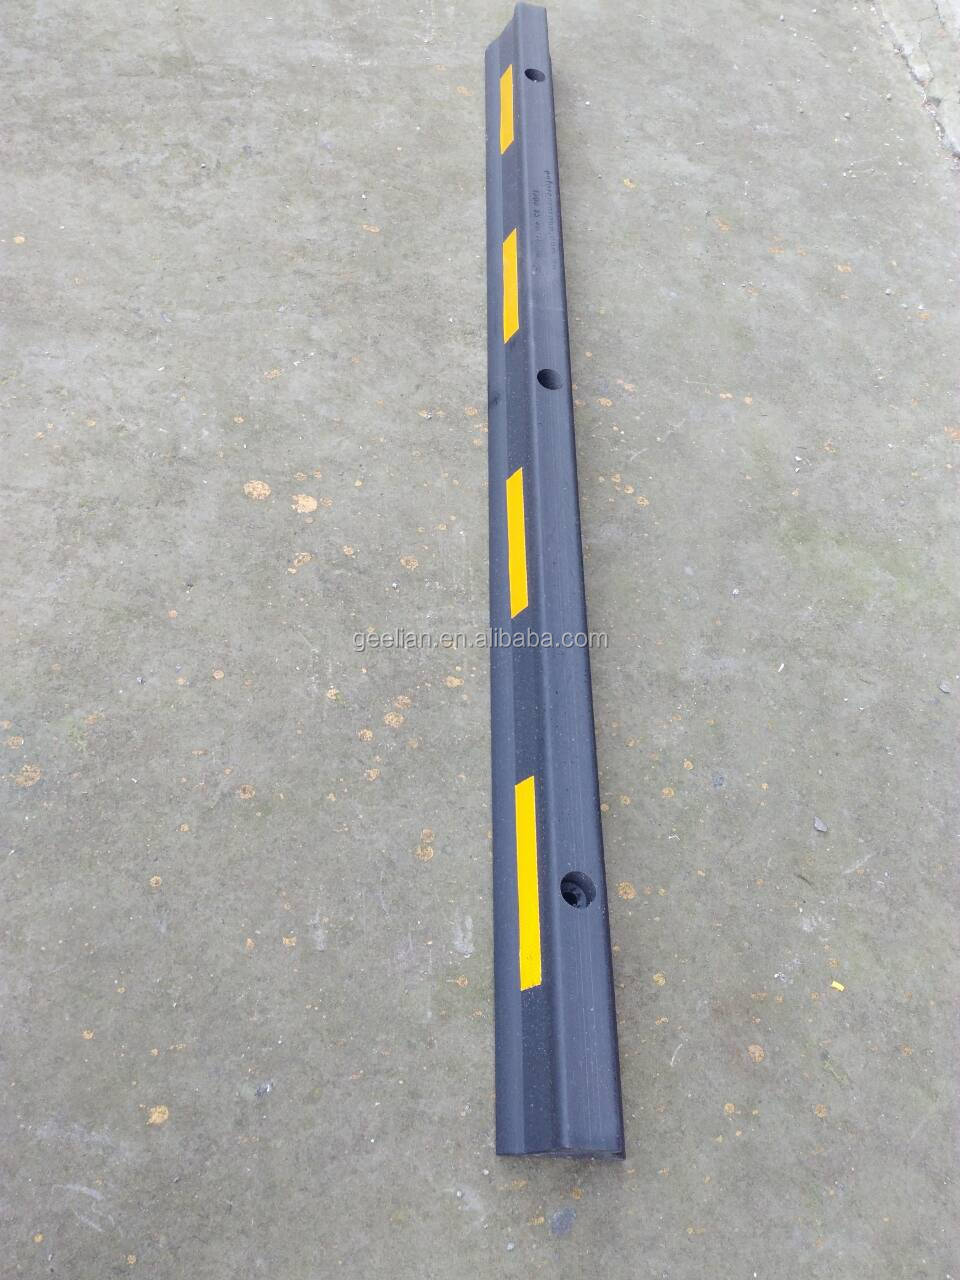 סיטונאי 1800mm גומי פלסטיק רכב משאית רכב גלגל סד פקק